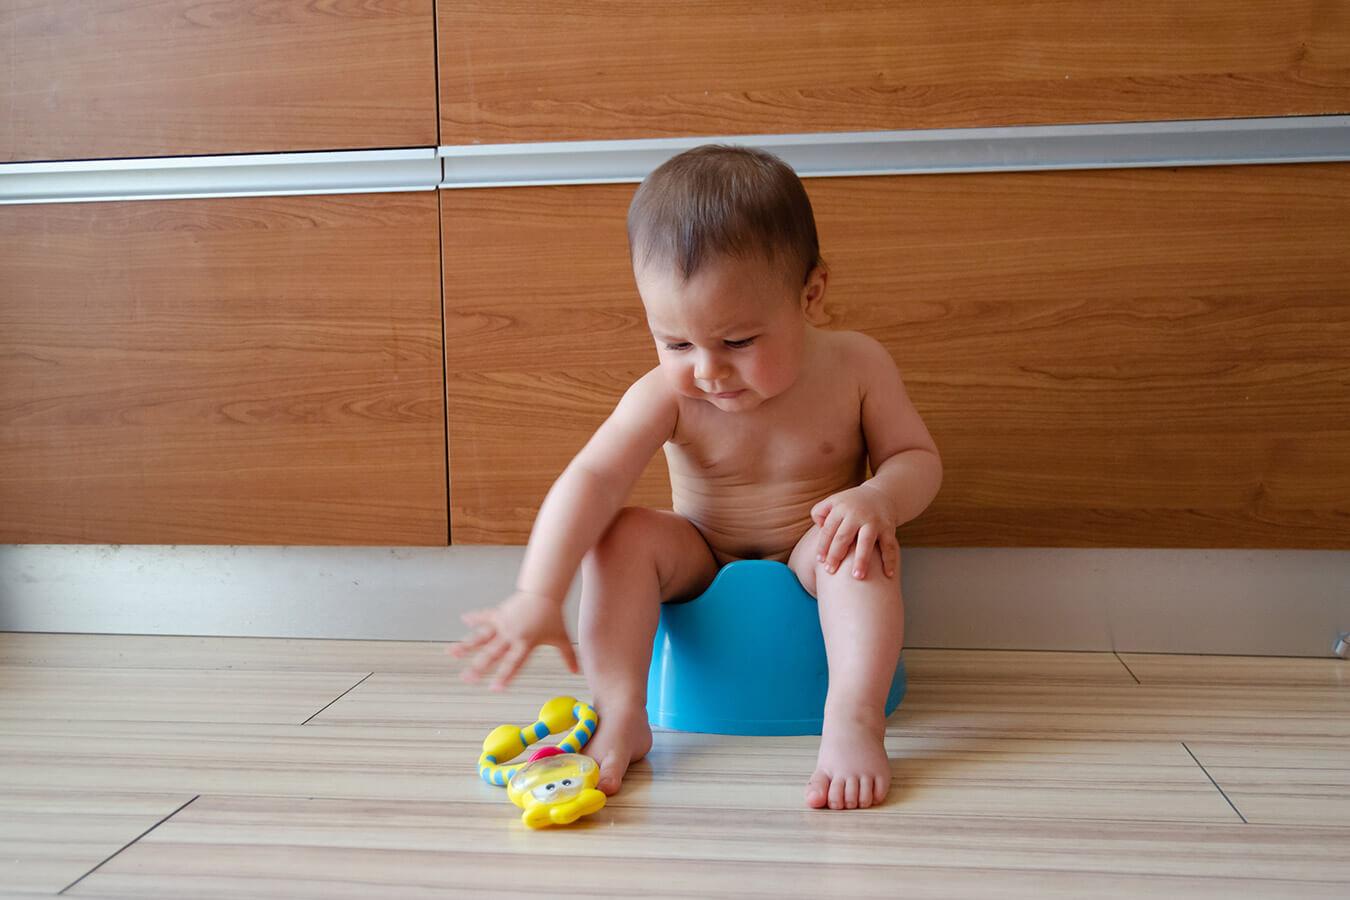 35 tygodniowe dziecko – Jak wygląda 35 tydzień życia dziecka?